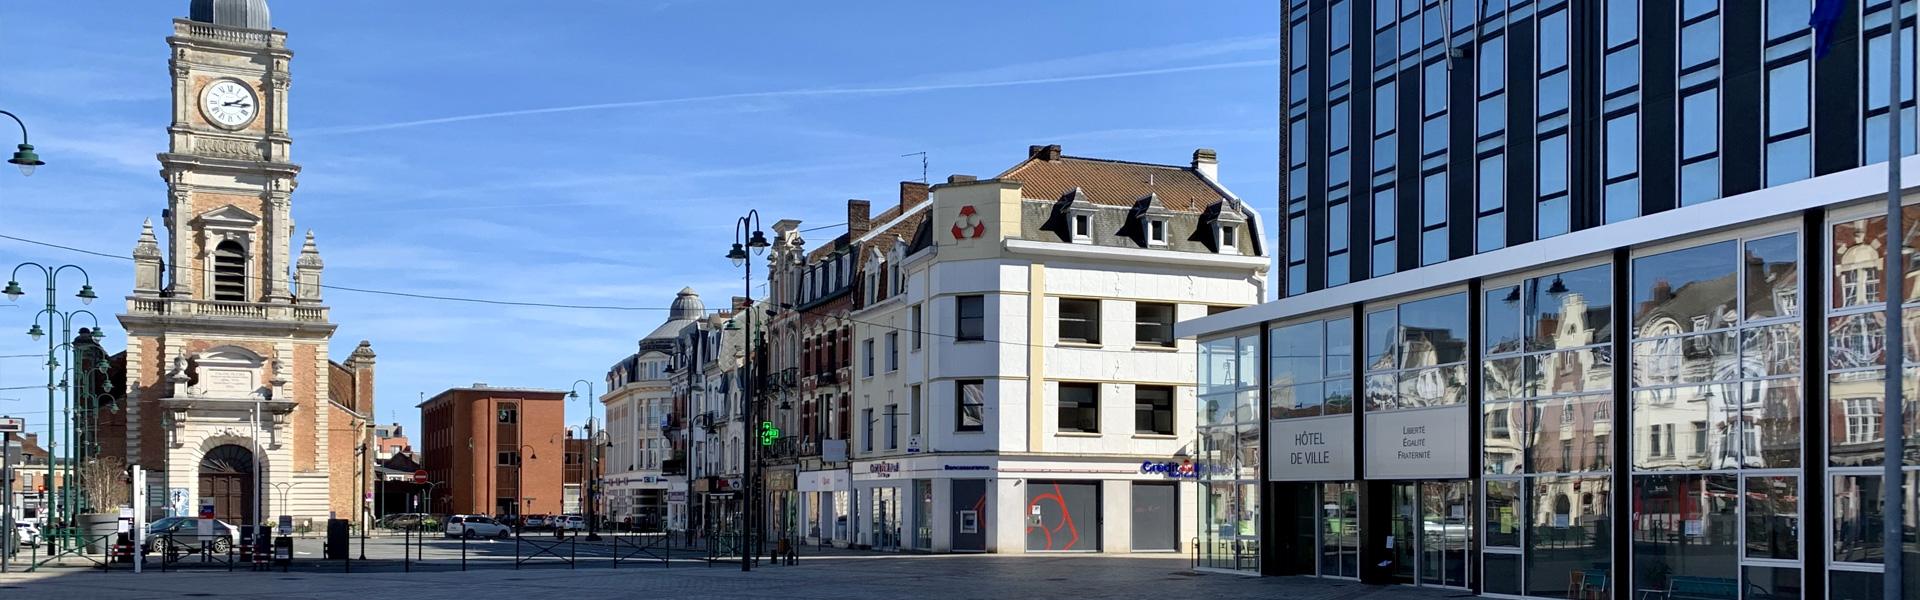 Photo de la ville de Lens où intervient l'agence web Farouk NASRI